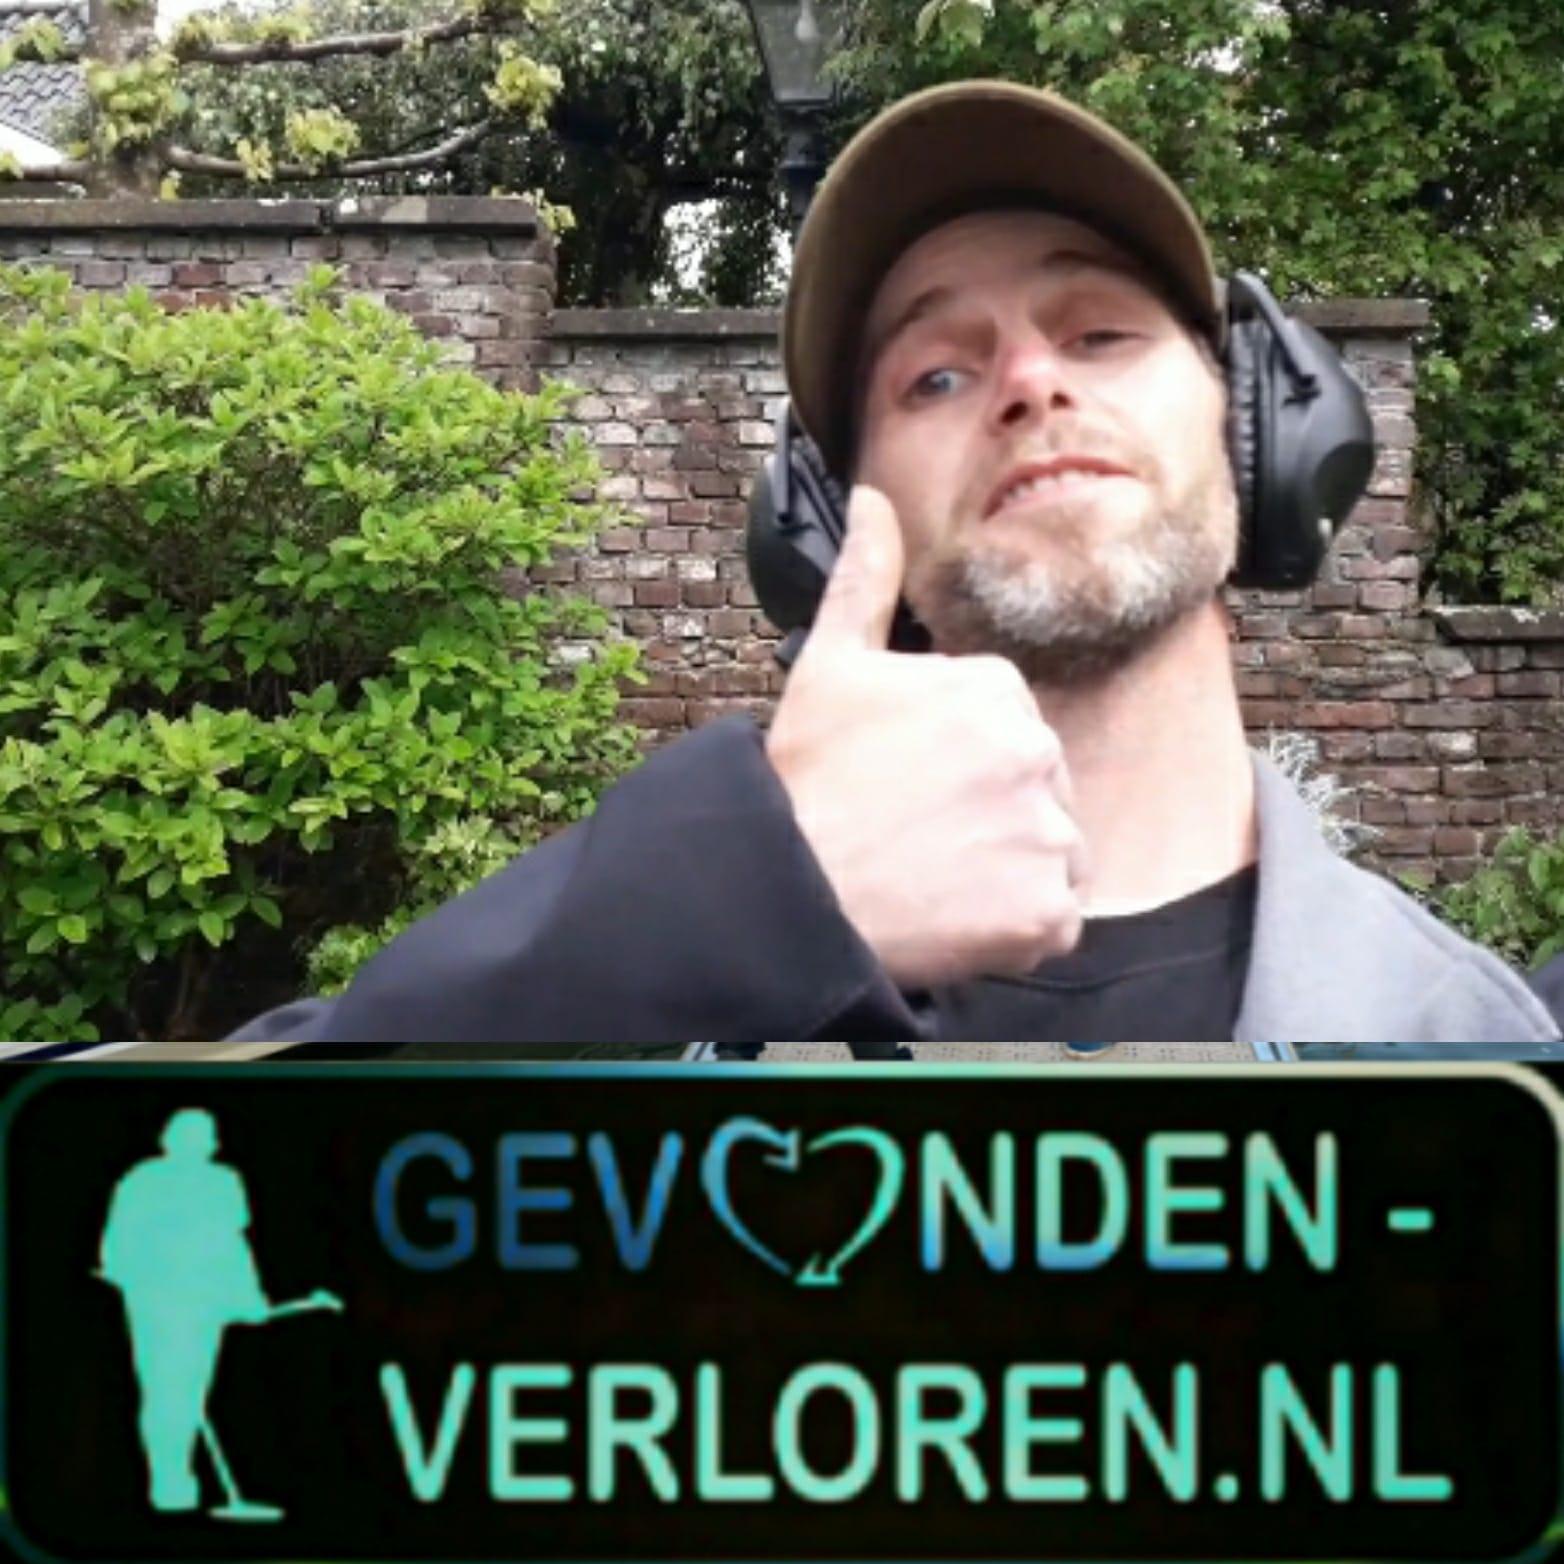 Gevonden-verloren.nl vindt trouwring terug